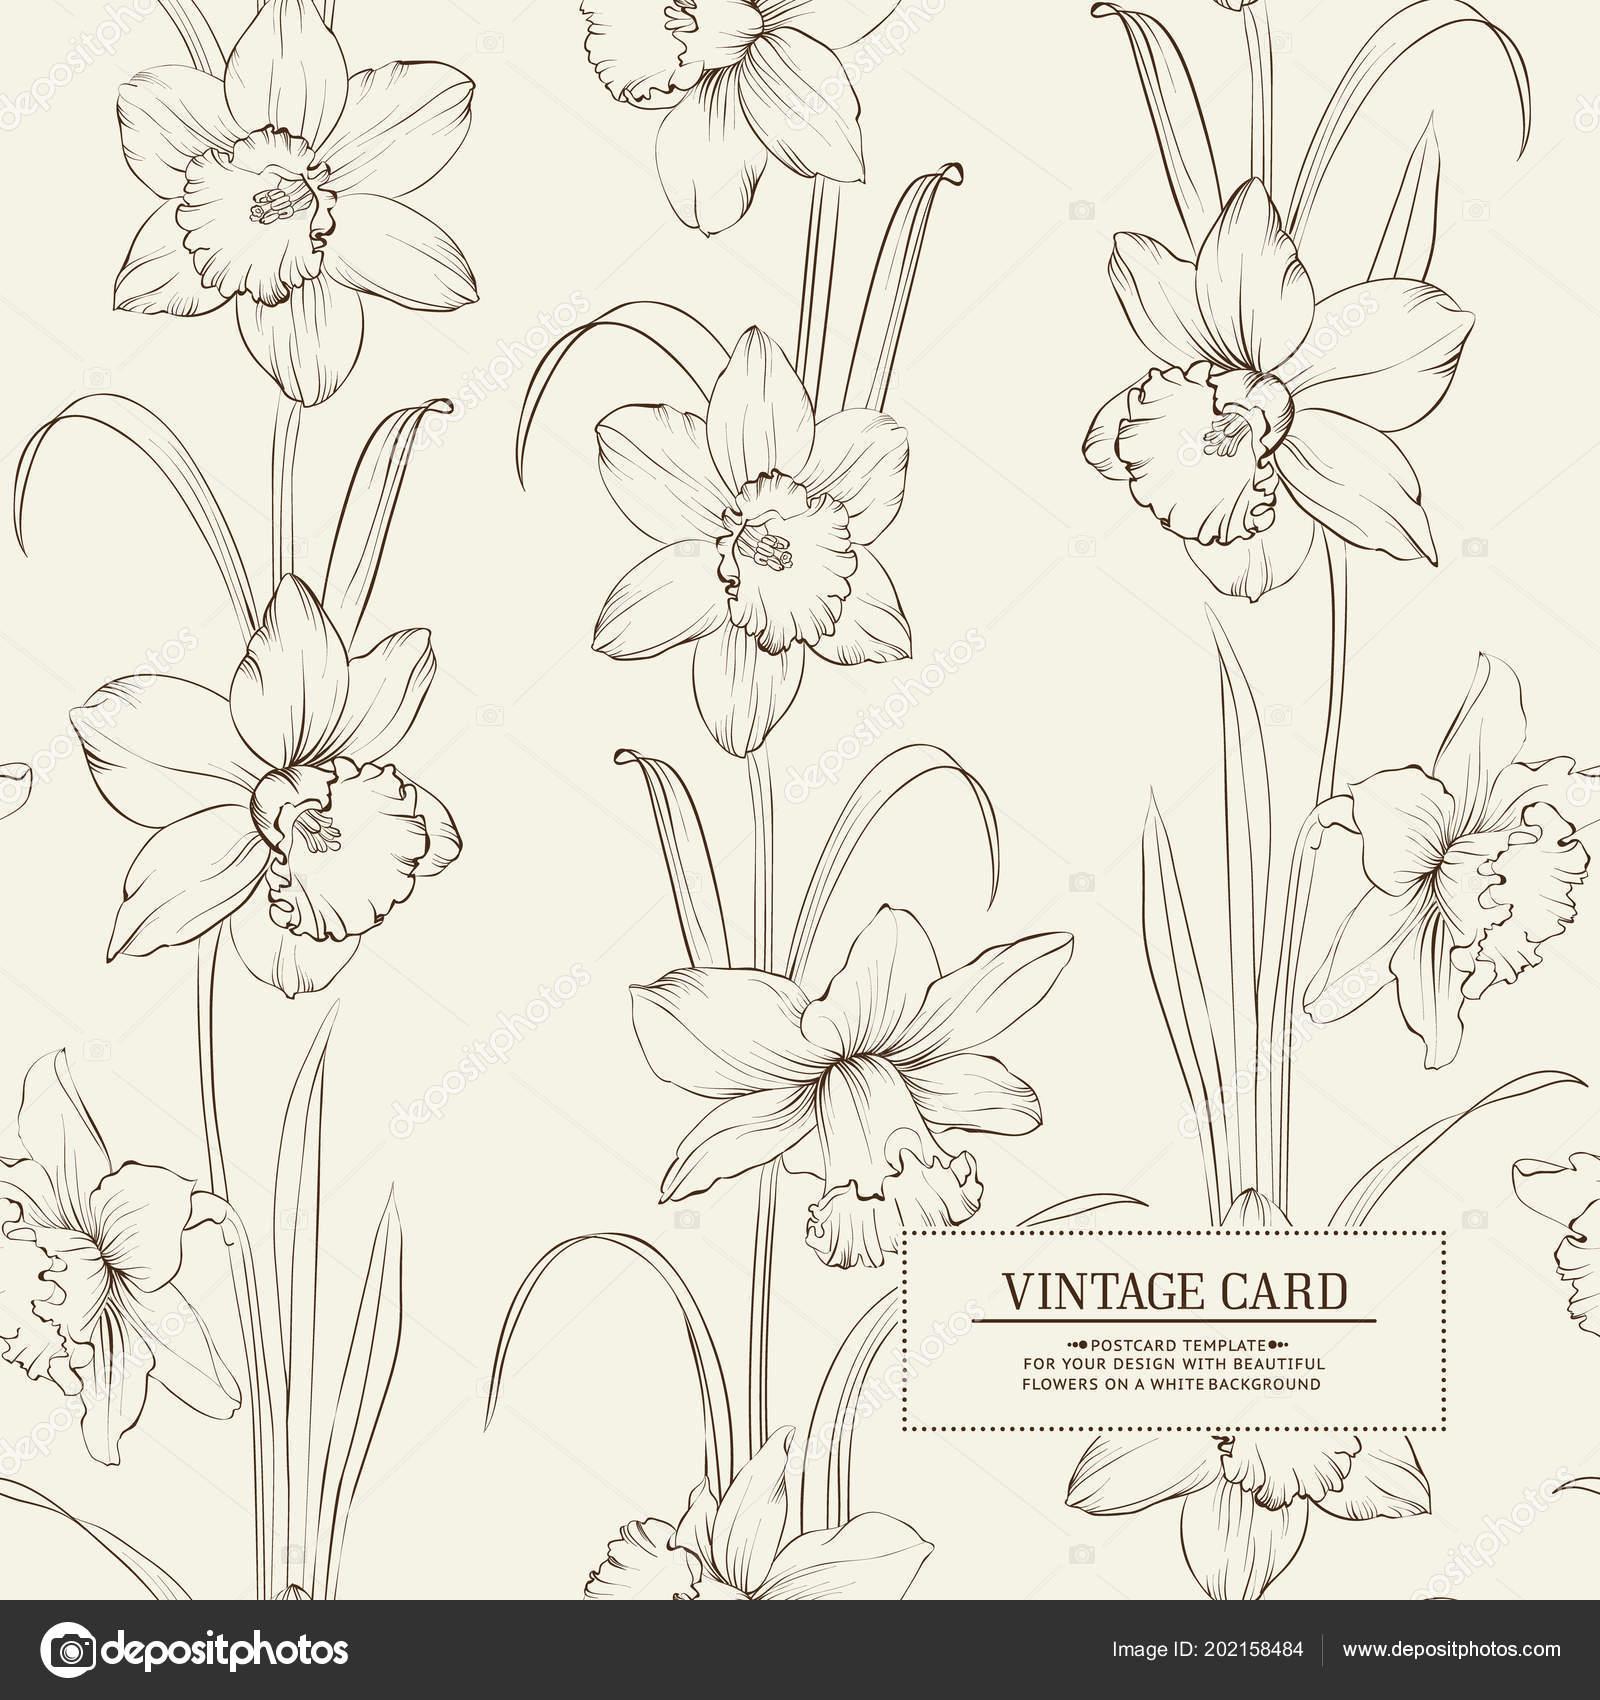 botanical illustration of daffodil stock vector kotkoa 202158484